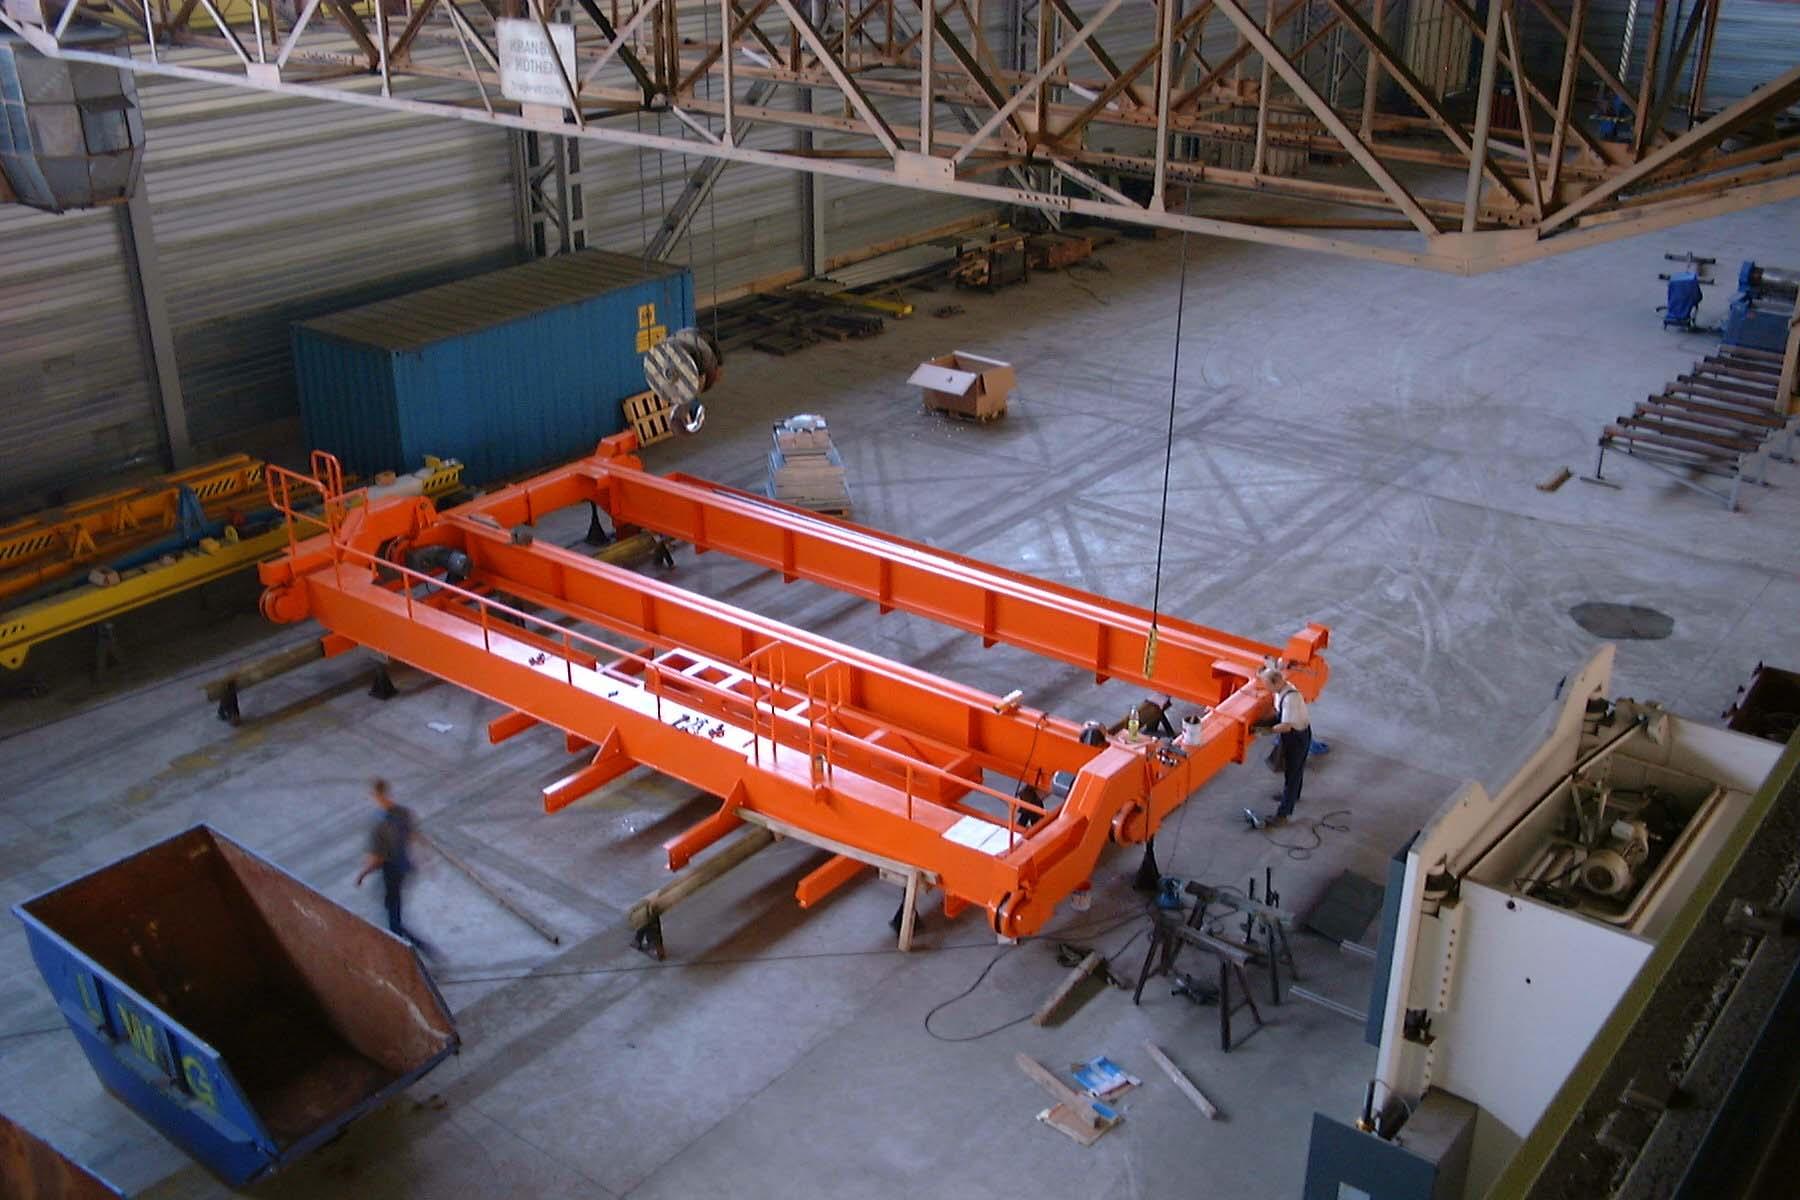 Krananlage / Crane system